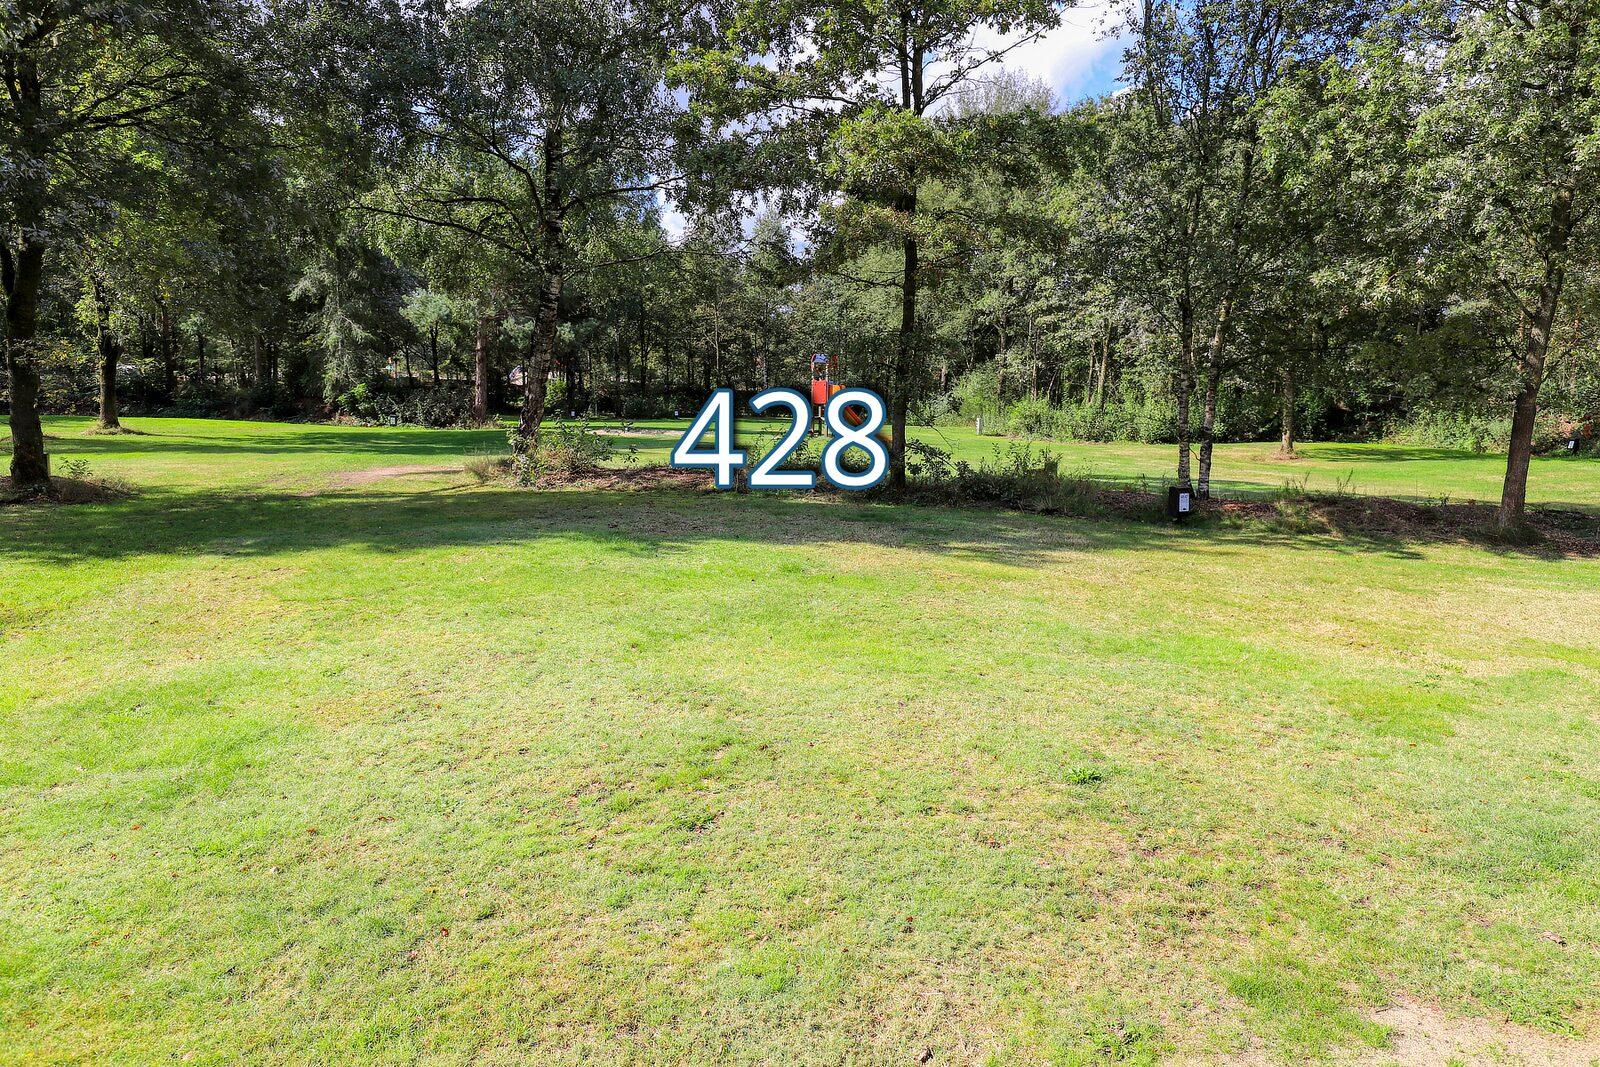 meemsveld 428